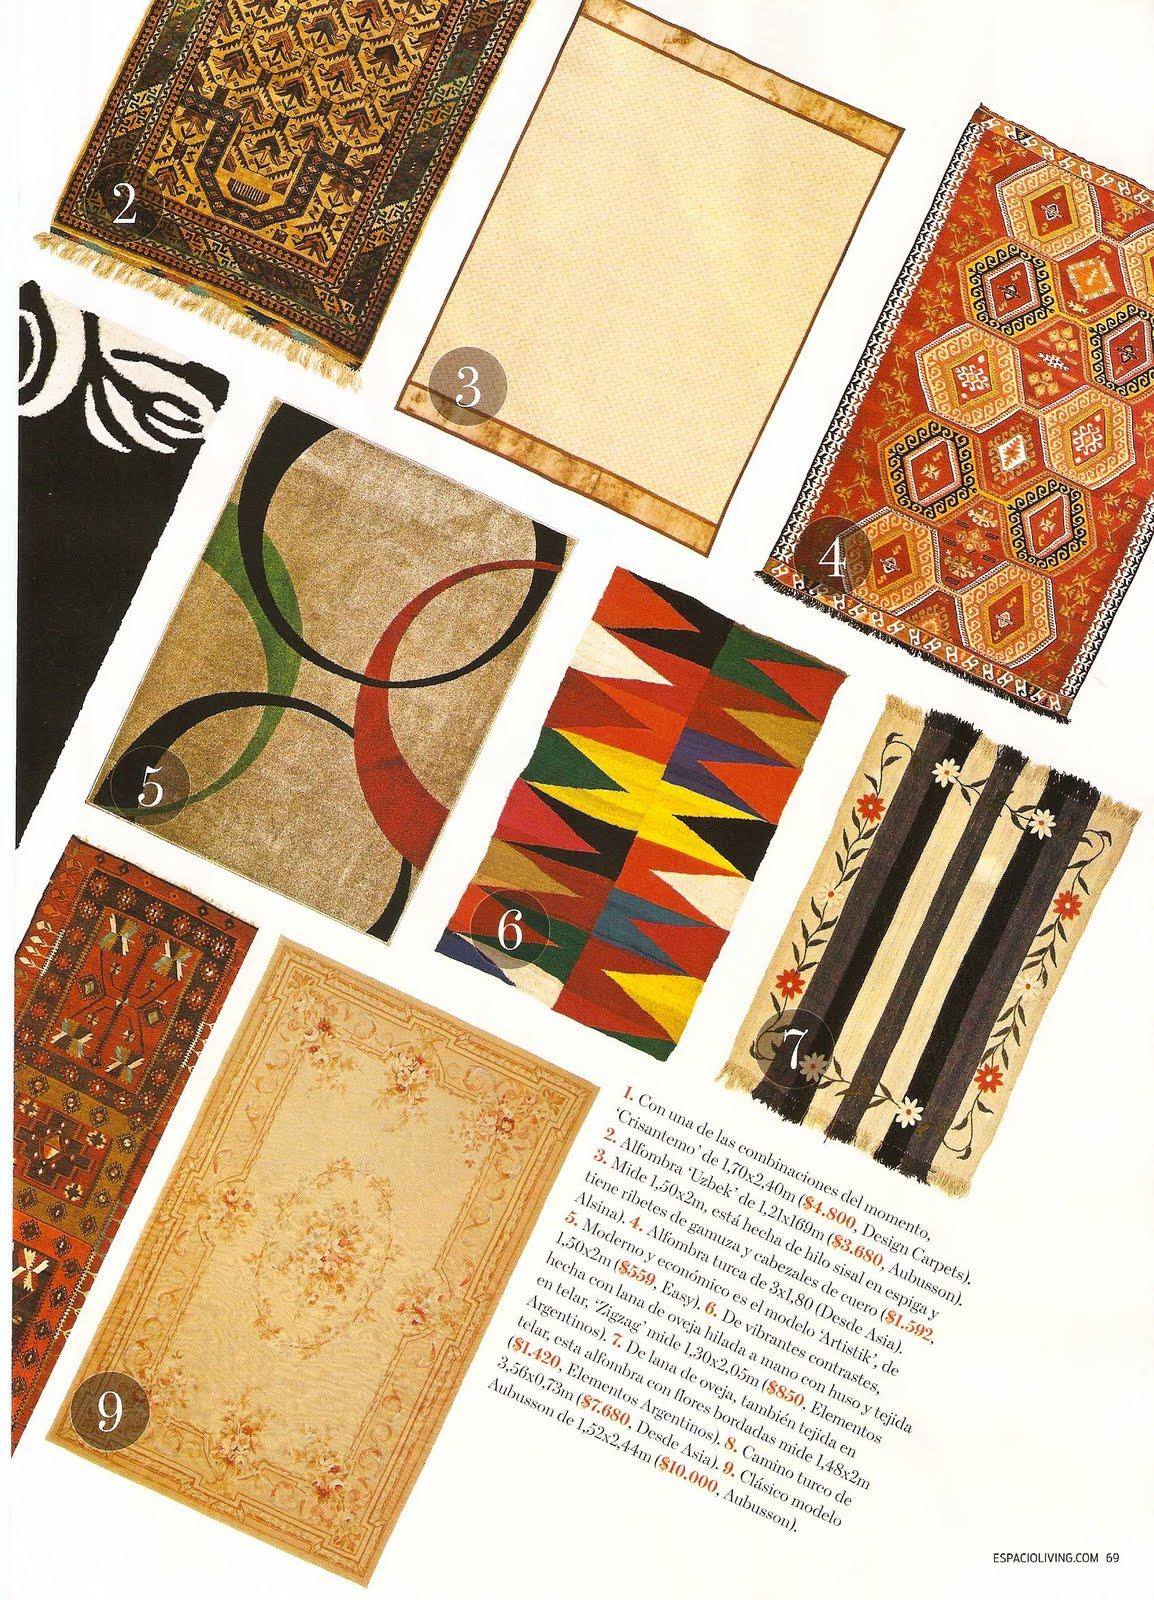 Puerta al sur revista living especial alfombras 25 for Alfombras de living